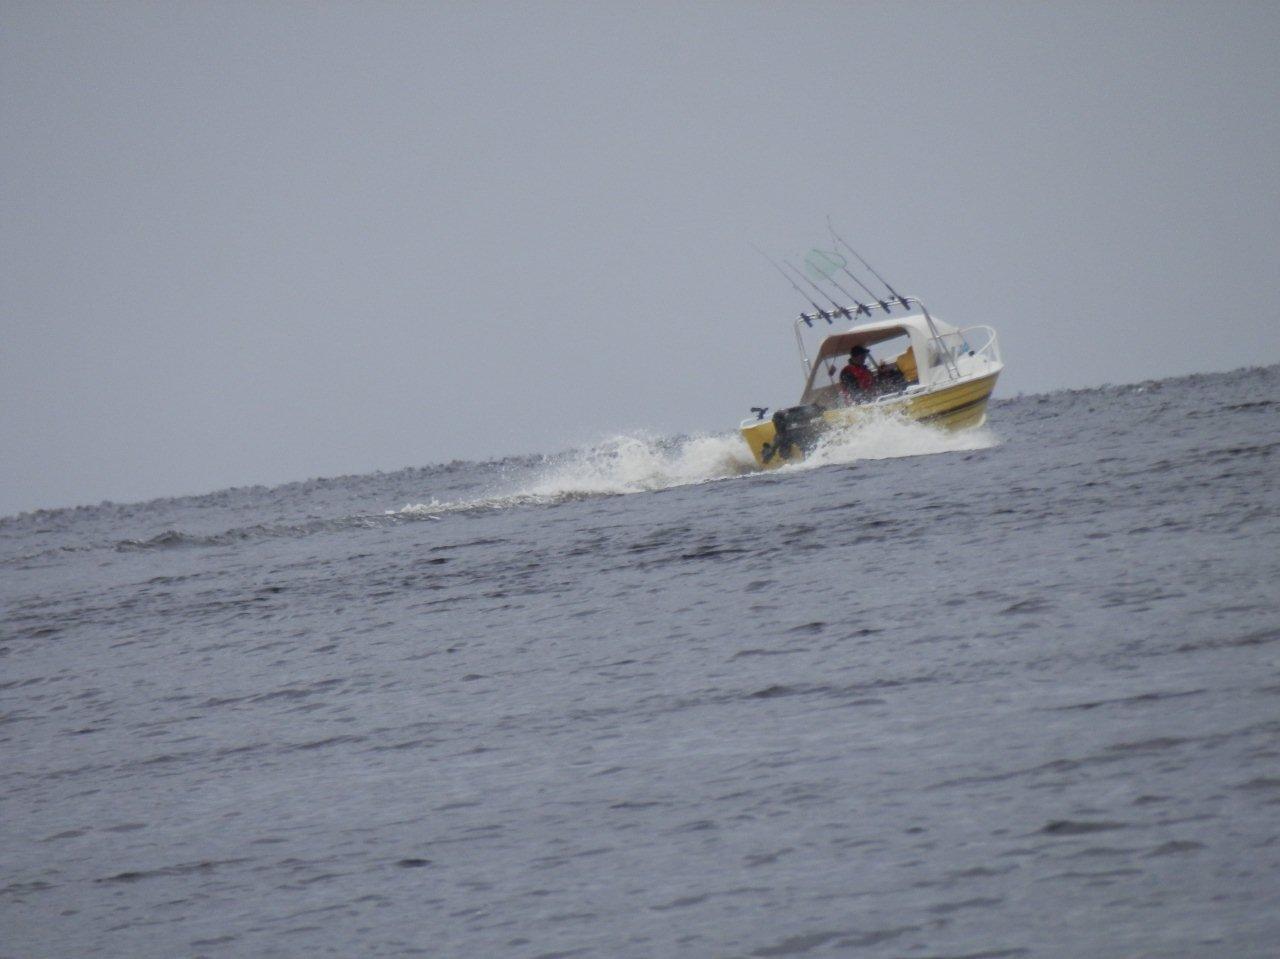 davids boat for website